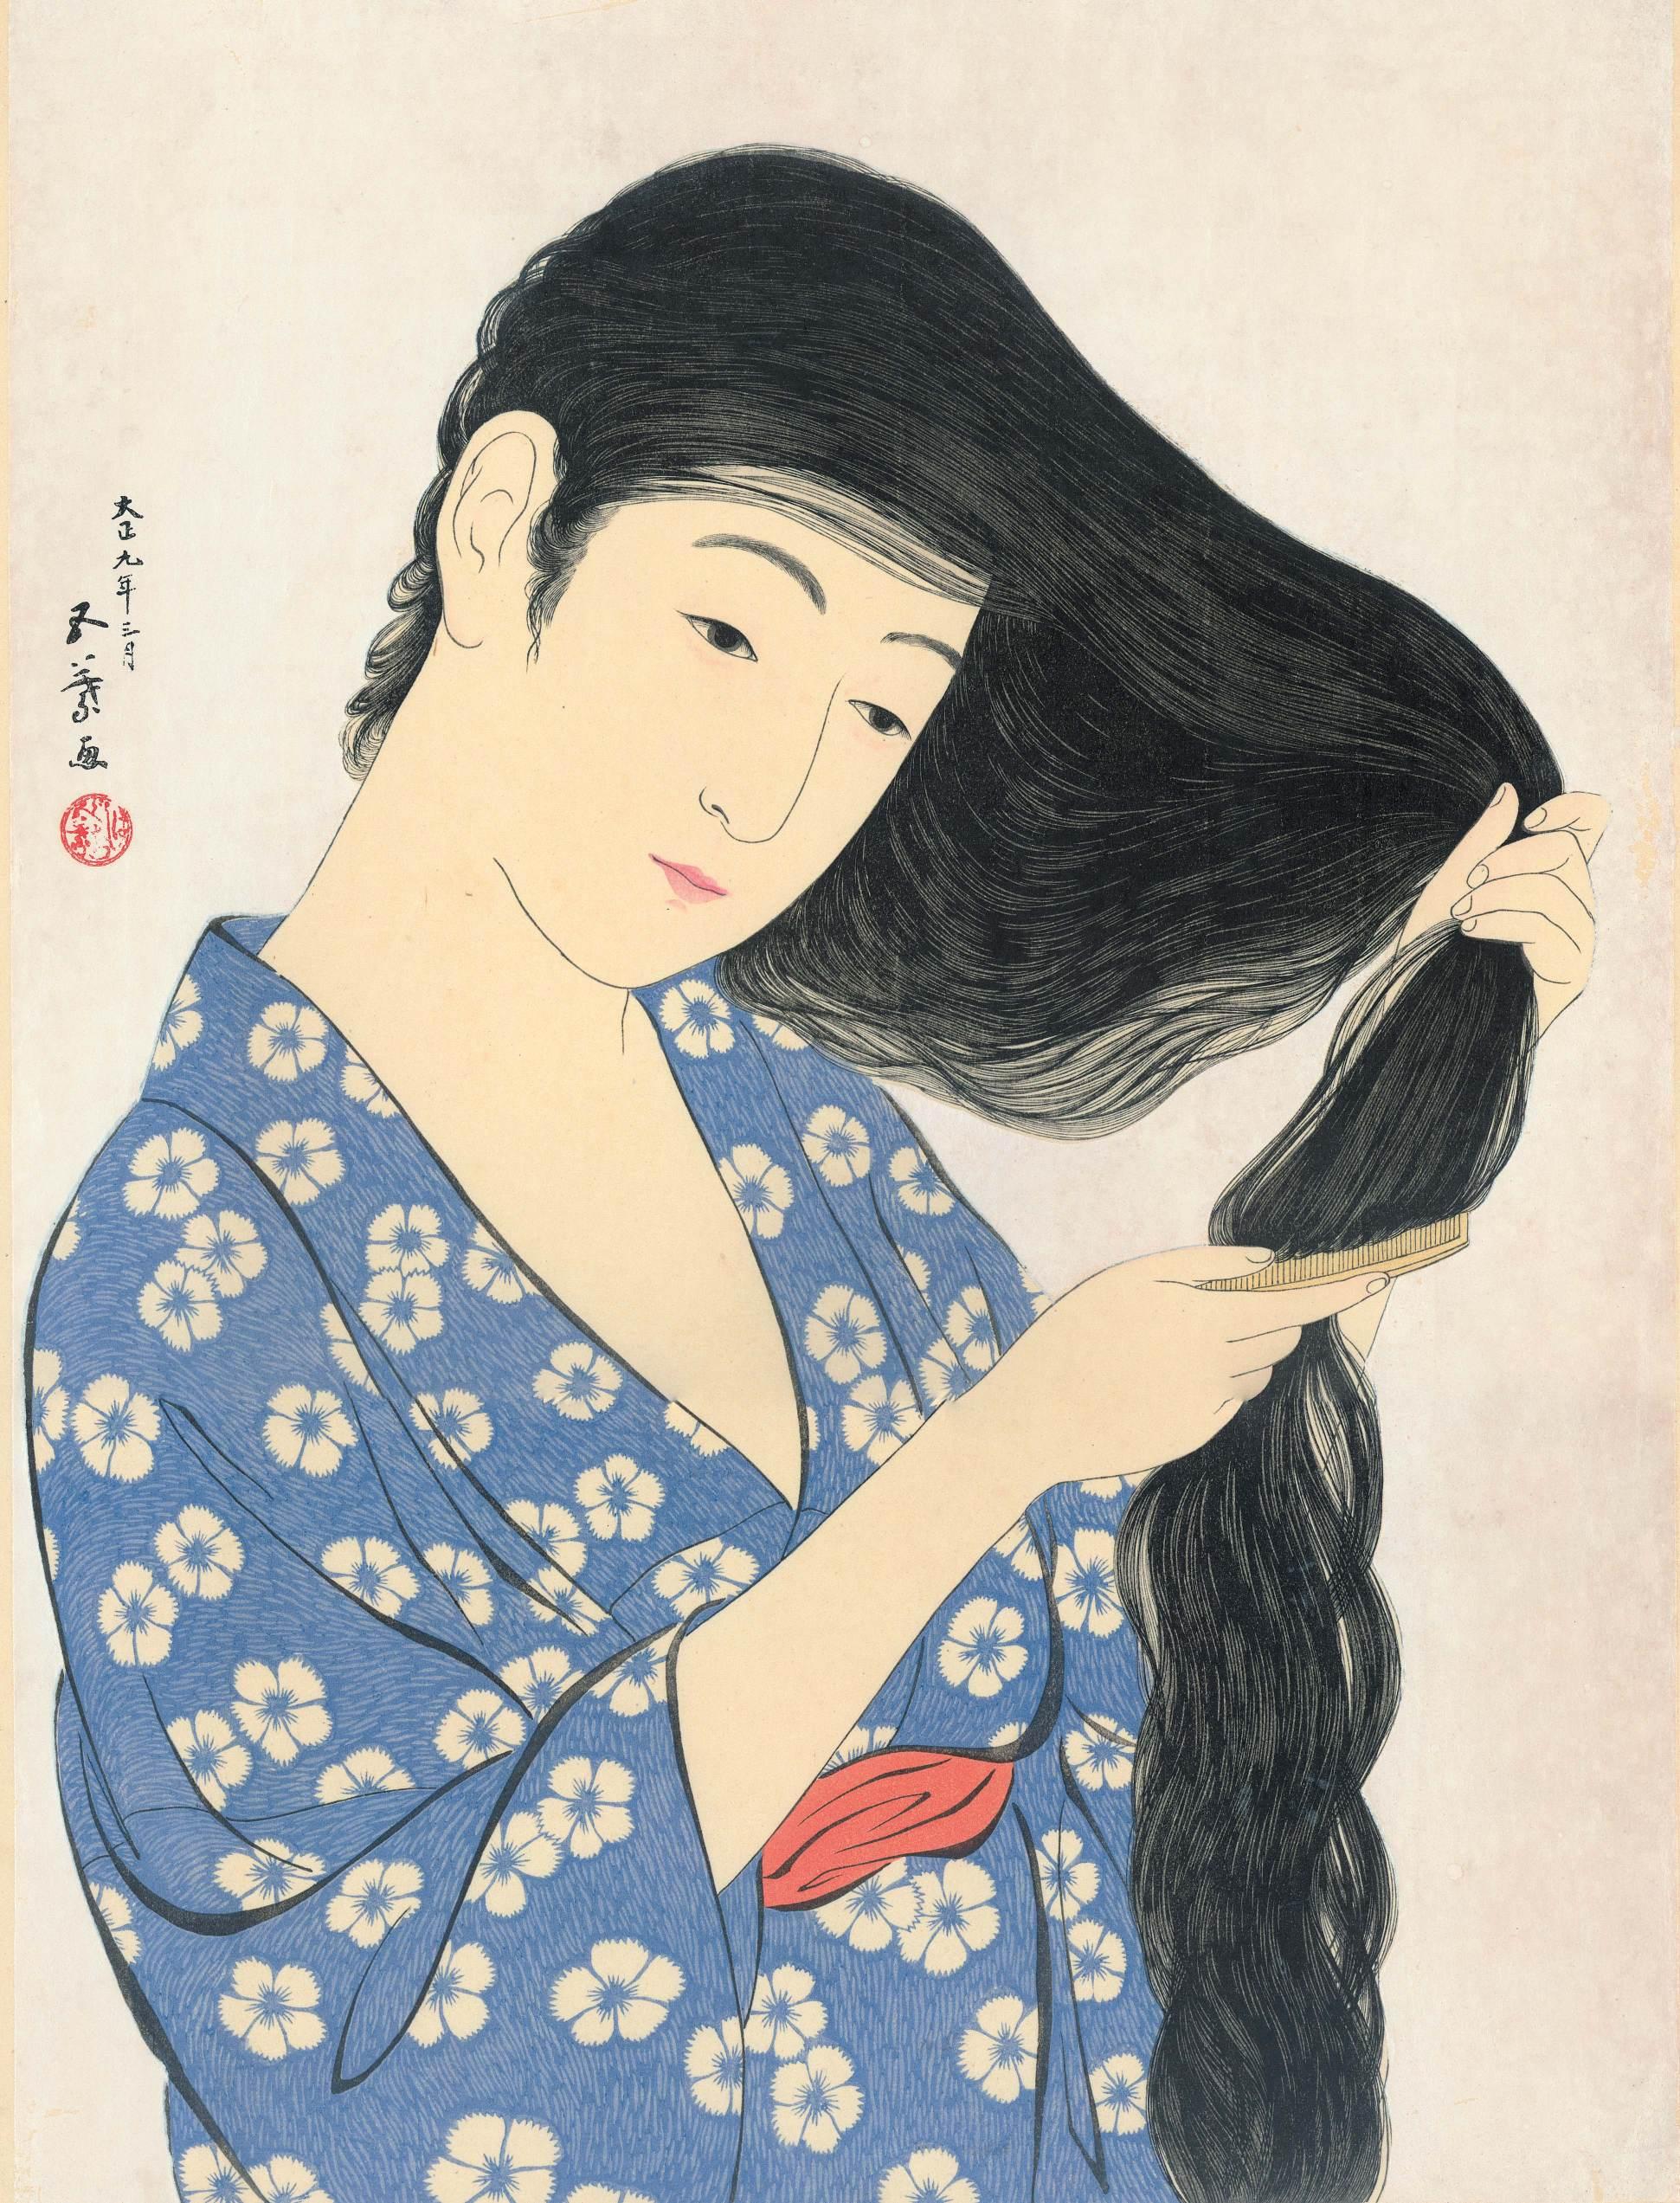 Fondation Custodia, Exposition Vagues de renouveau. Estampes japonaises modernes 1900-1960 © CLAD / THE FARM